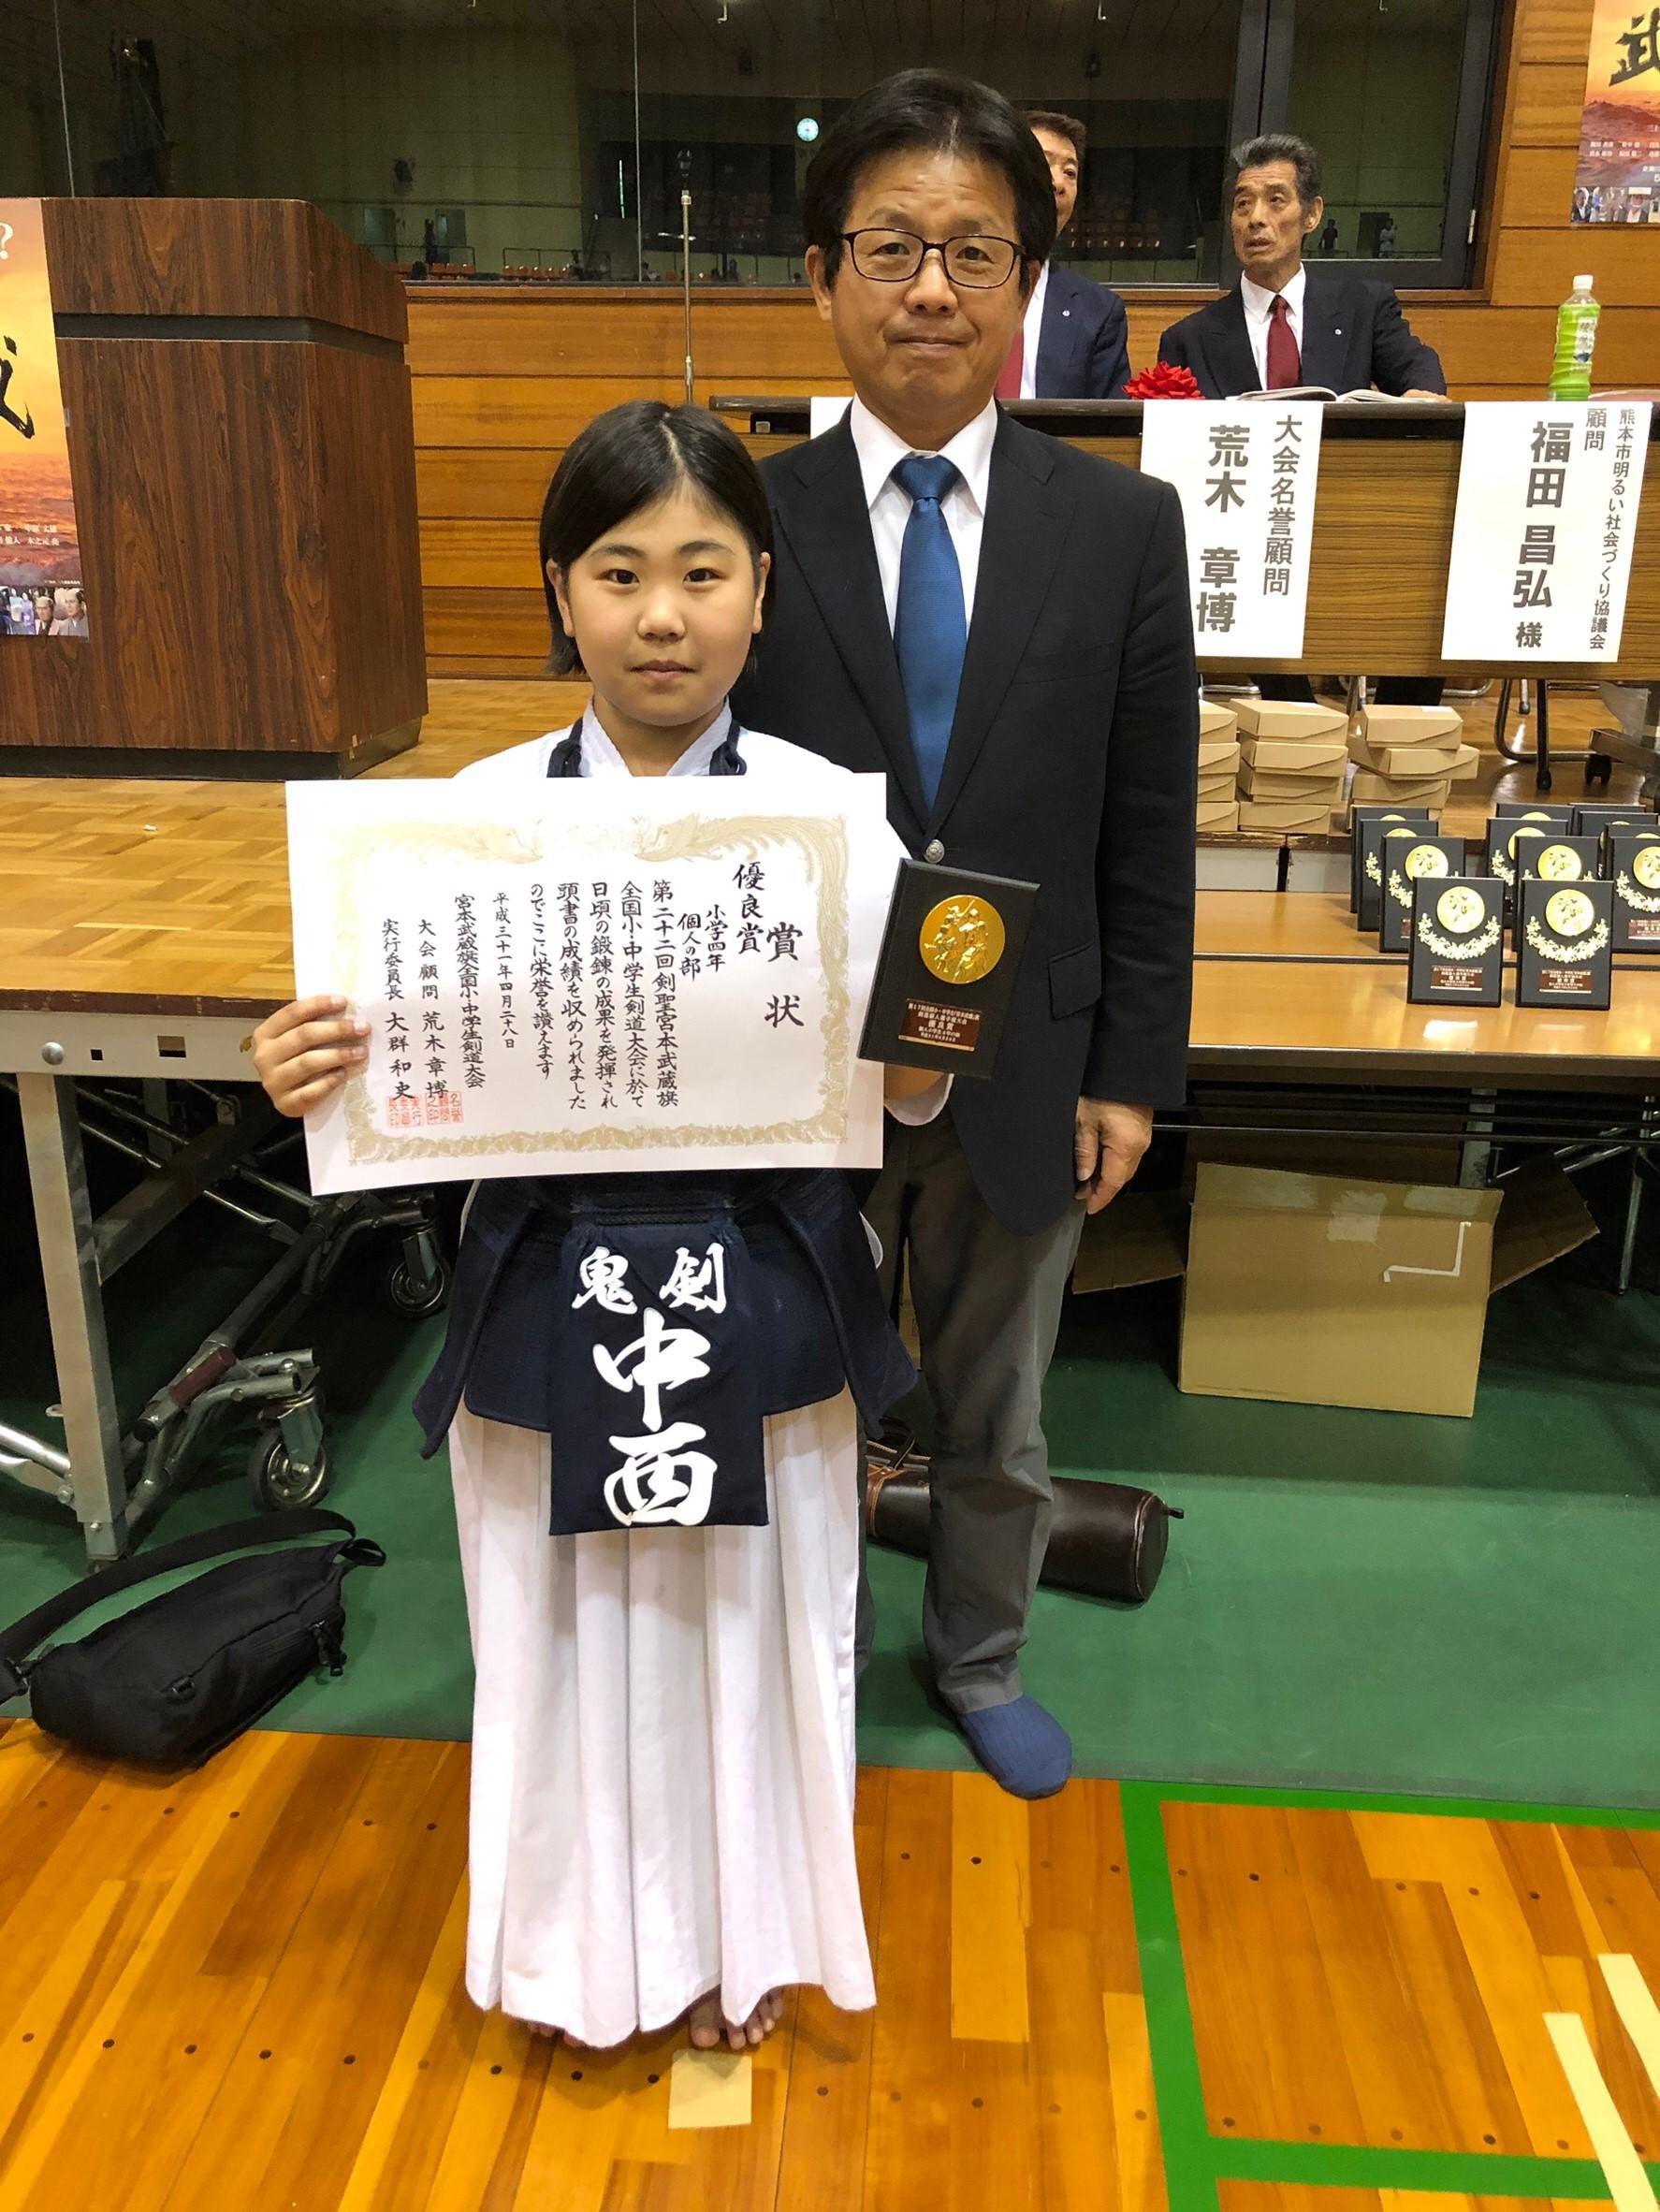 宮本 武蔵 剣道 大会 2019 熊本